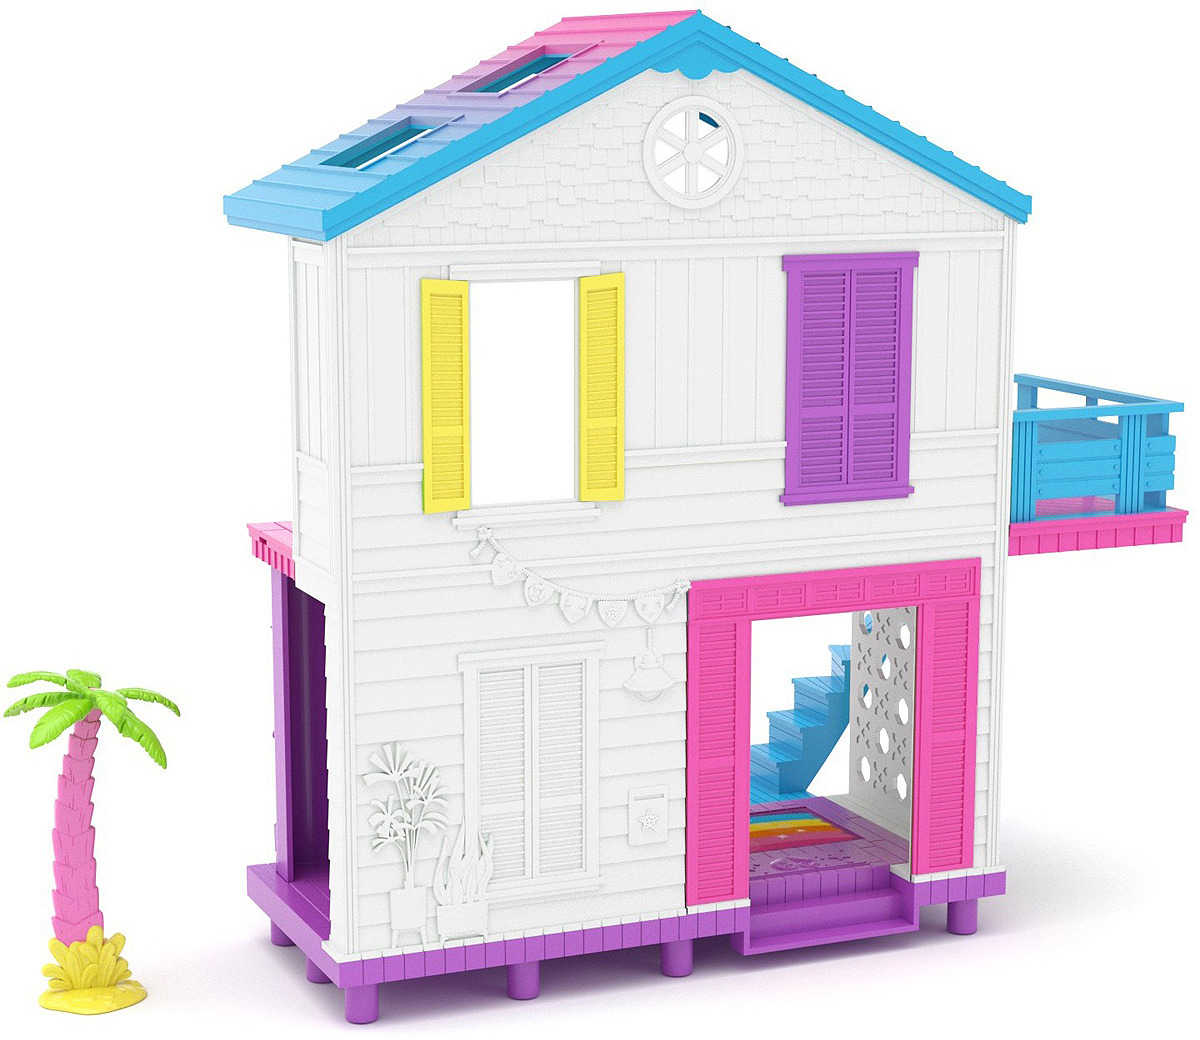 Игровой набор Happy Places Пляжный домик, 56860